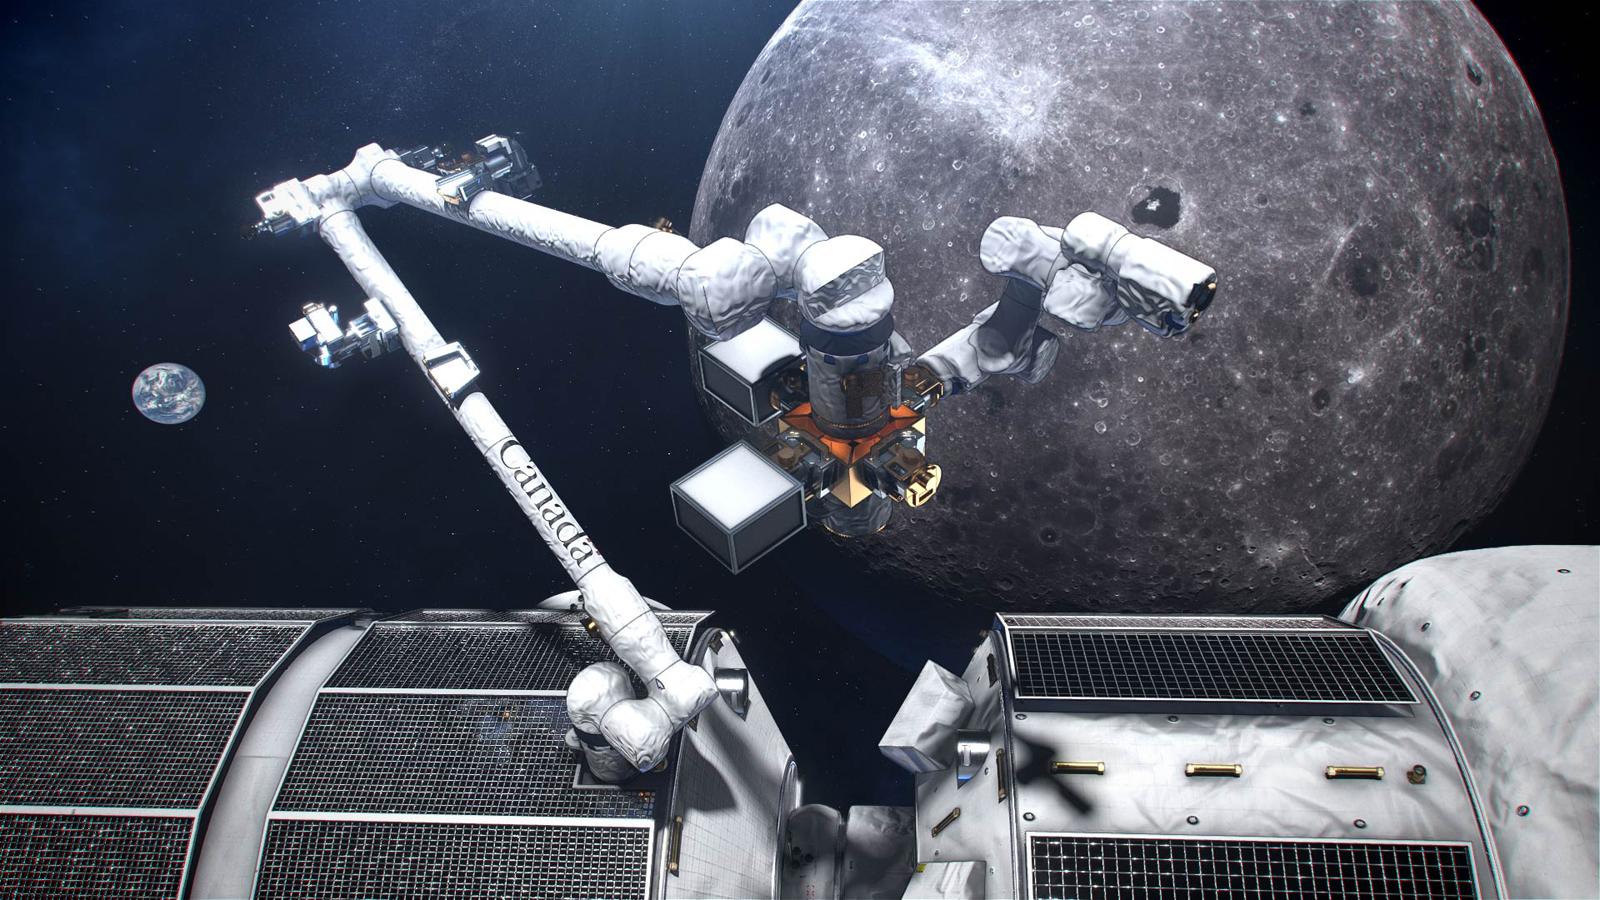 L'Agence spatiale canadienne s'est jointe au projet de passerelle de la plateforme en orbite lunaire de la NASA pour l'exploration de la lune avec son bras robotique Canadarm3.